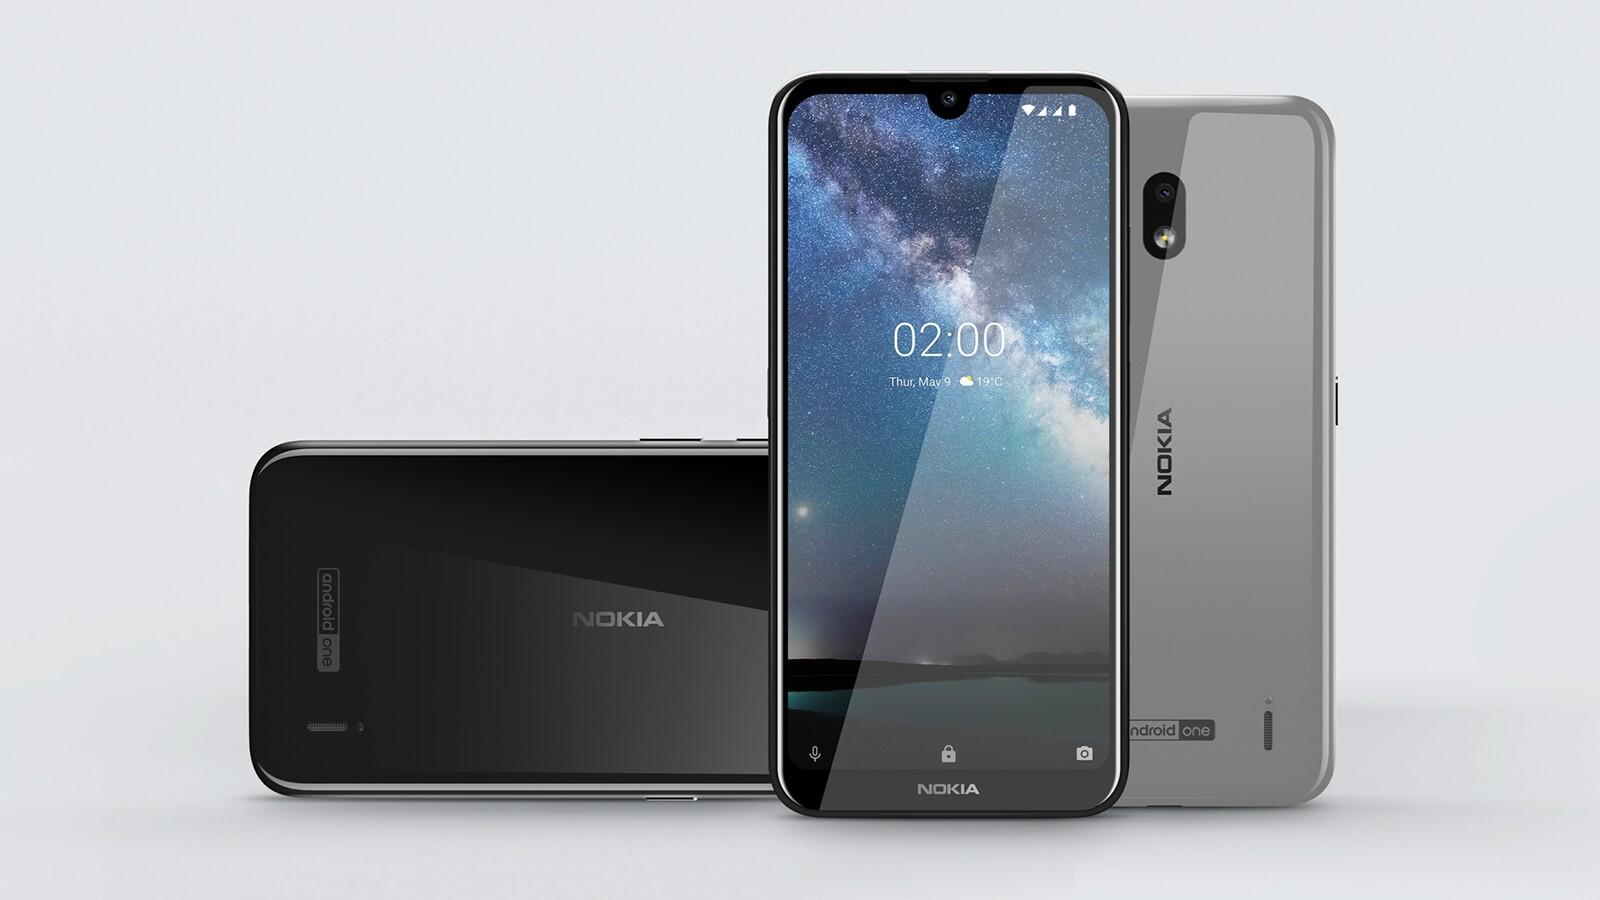 Mẫu smartphone giá rẻ Nokia 2.2 được nhiều người ưa chuộng sử dụng